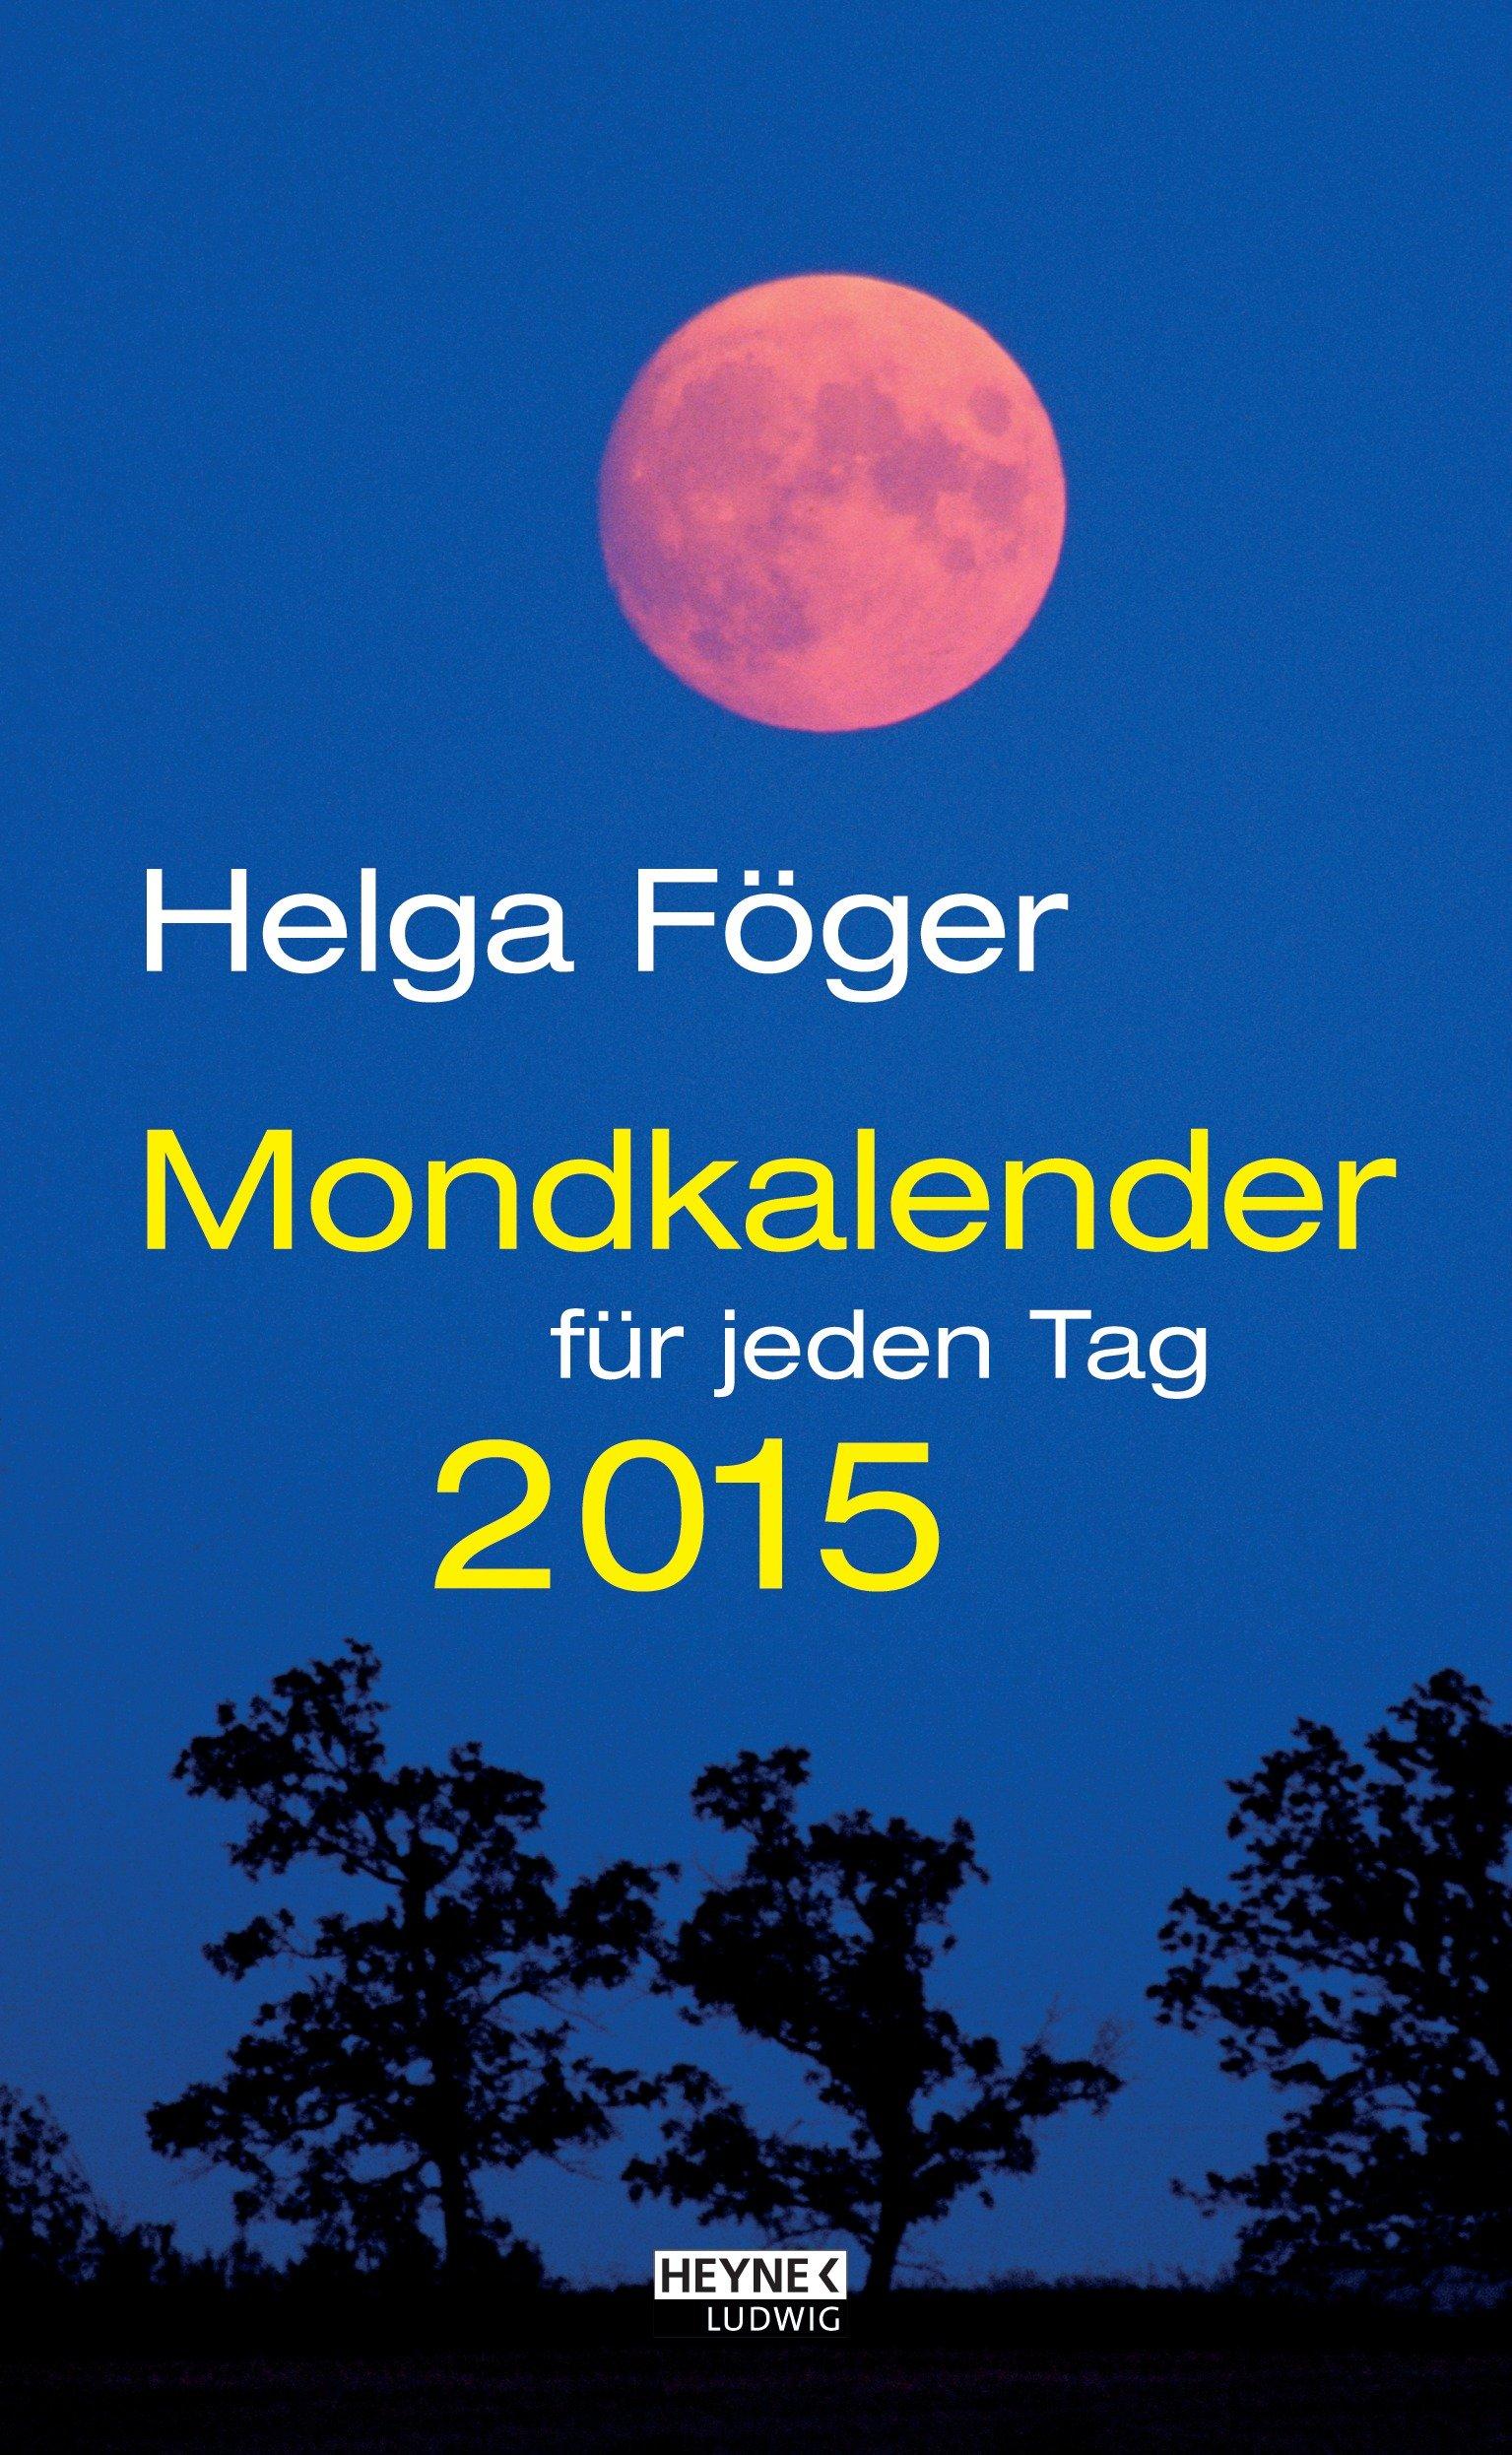 Mondkalender für jeden Tag 2015: Tages-Abreißkalender